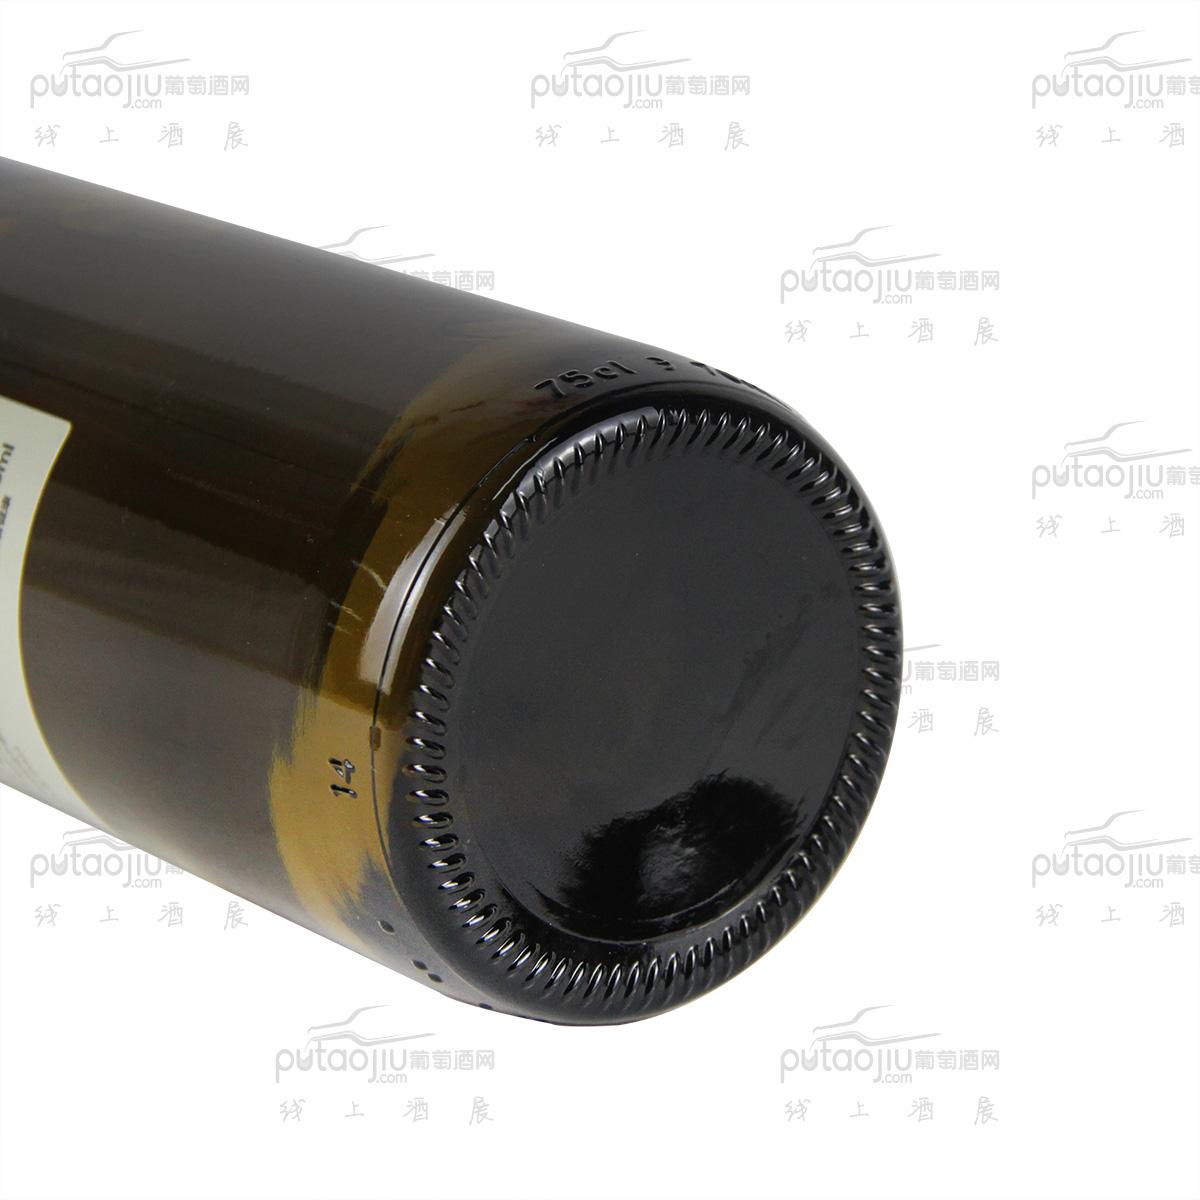 STOBI斯多比酒庄(SIKI)斯科 A级干白葡萄酒小众国家原装进口北马其顿红酒